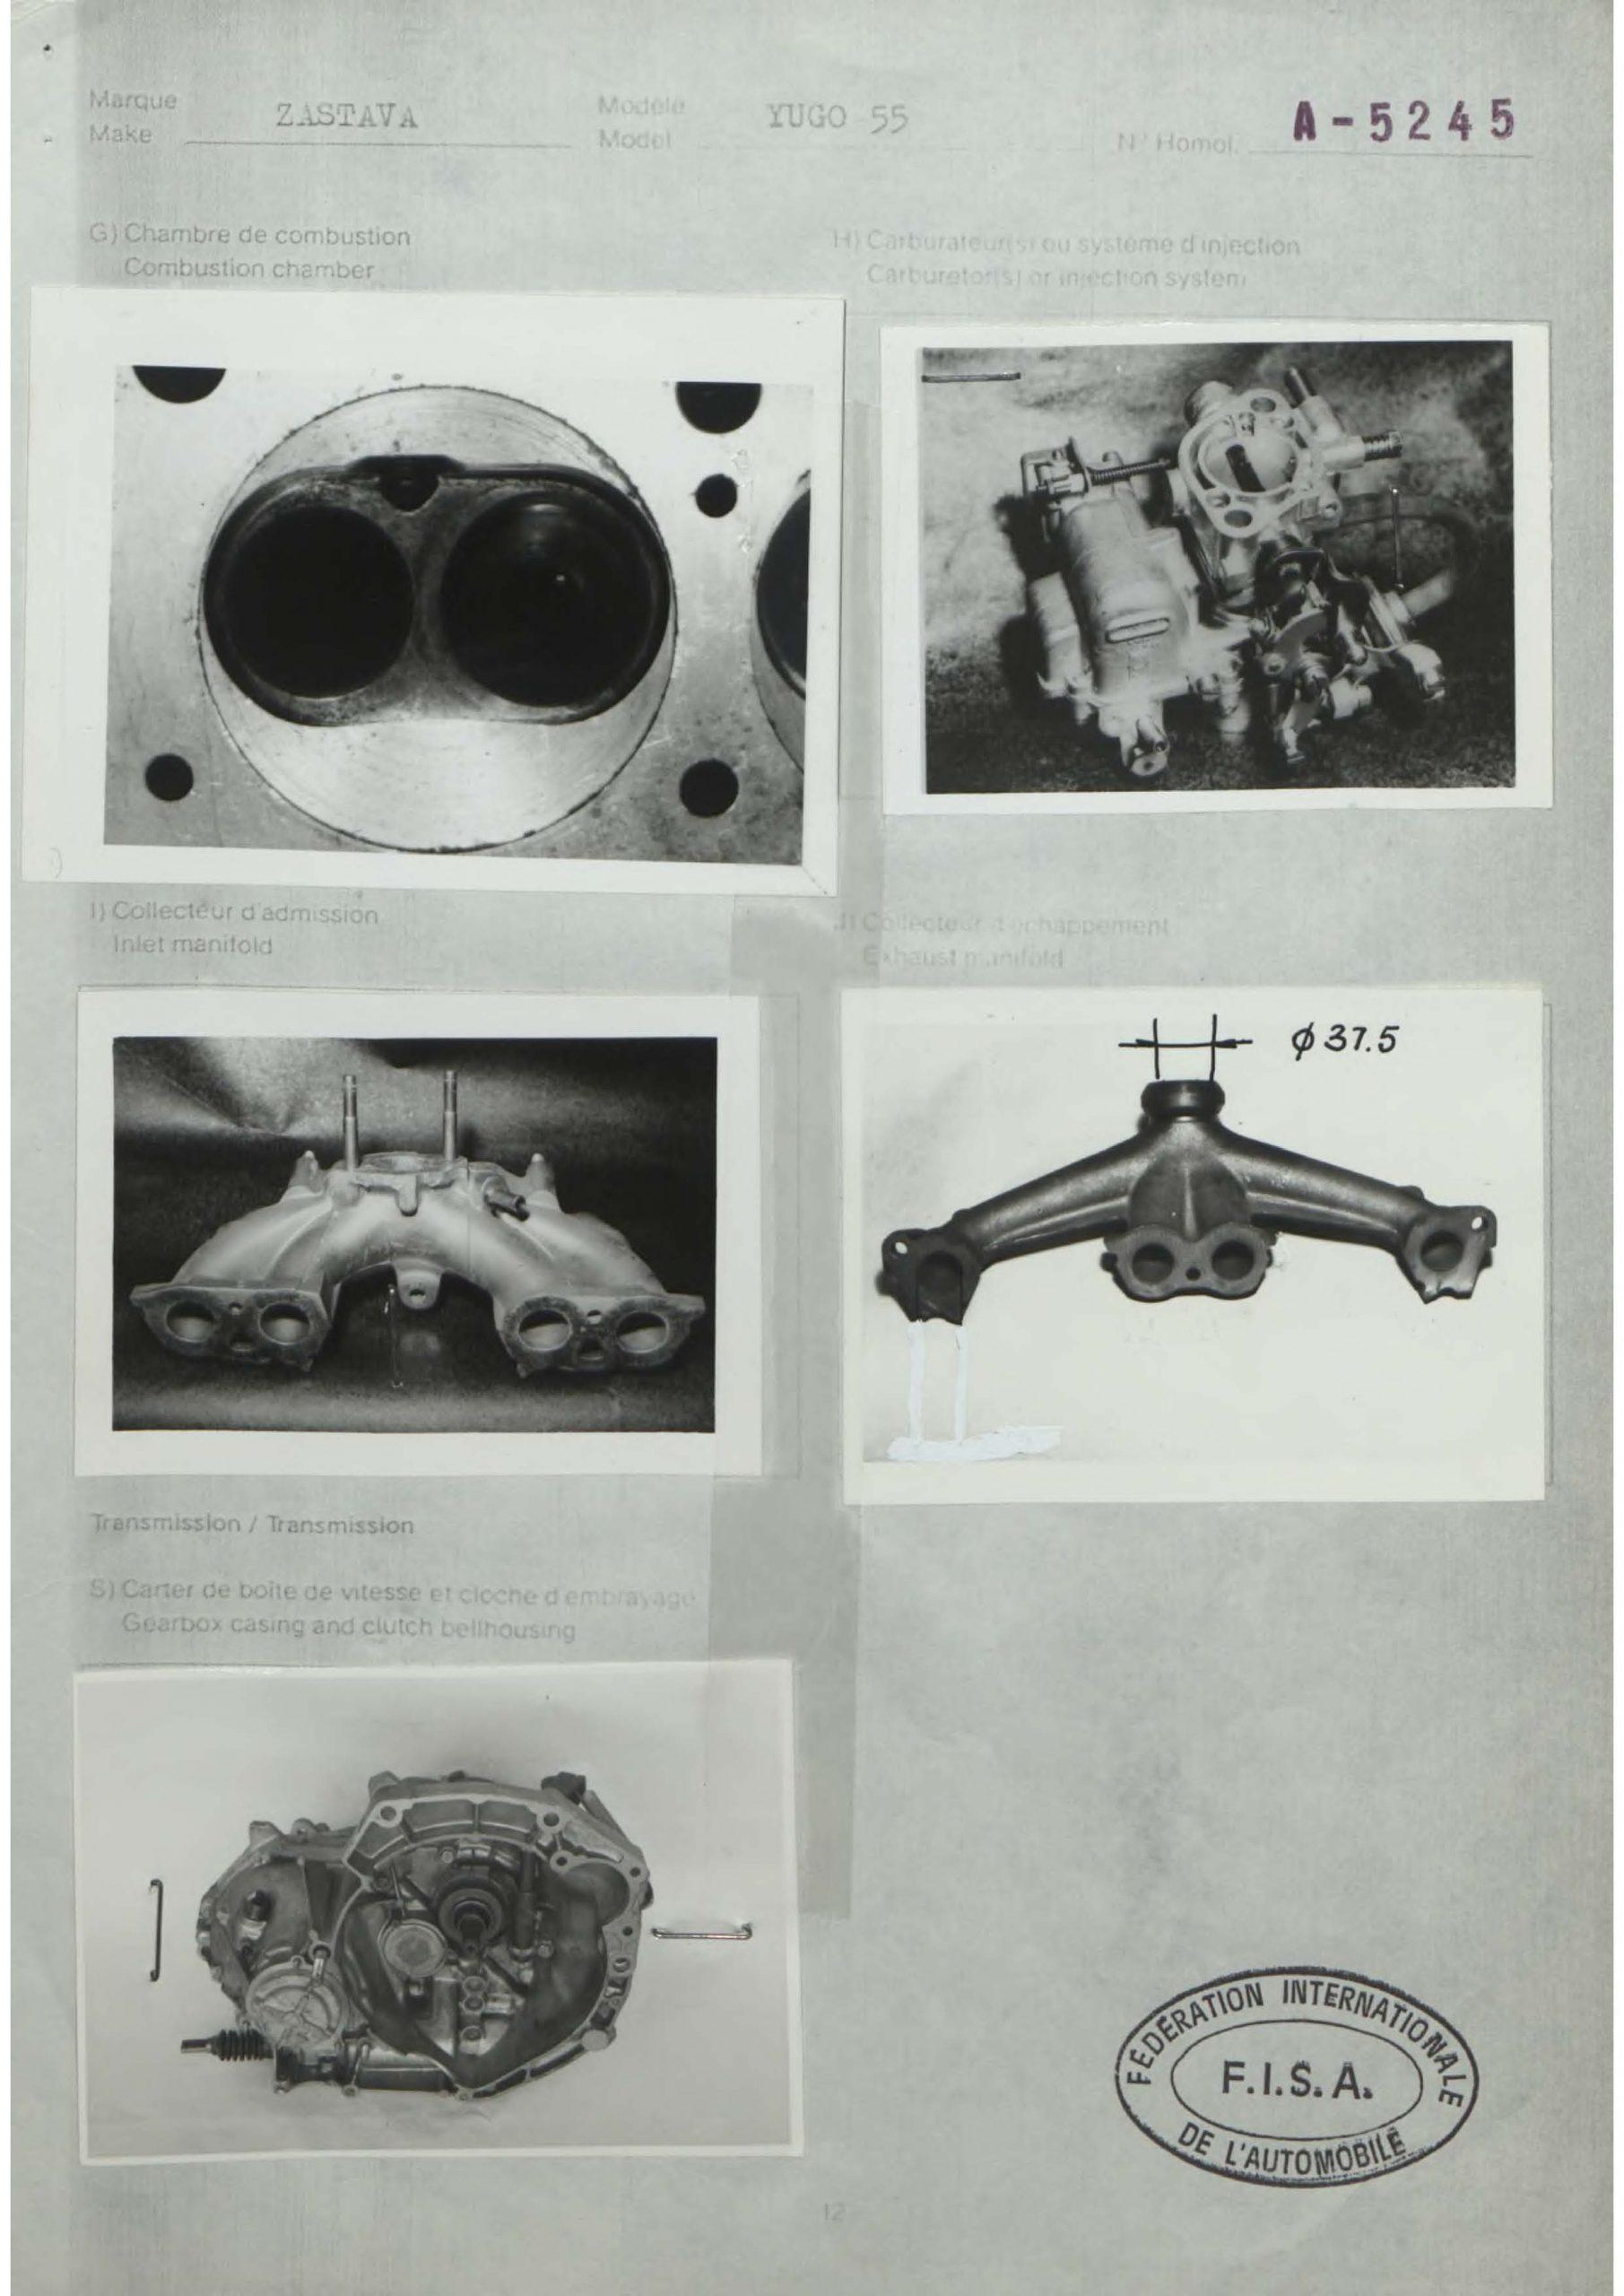 yugo homologation form valves